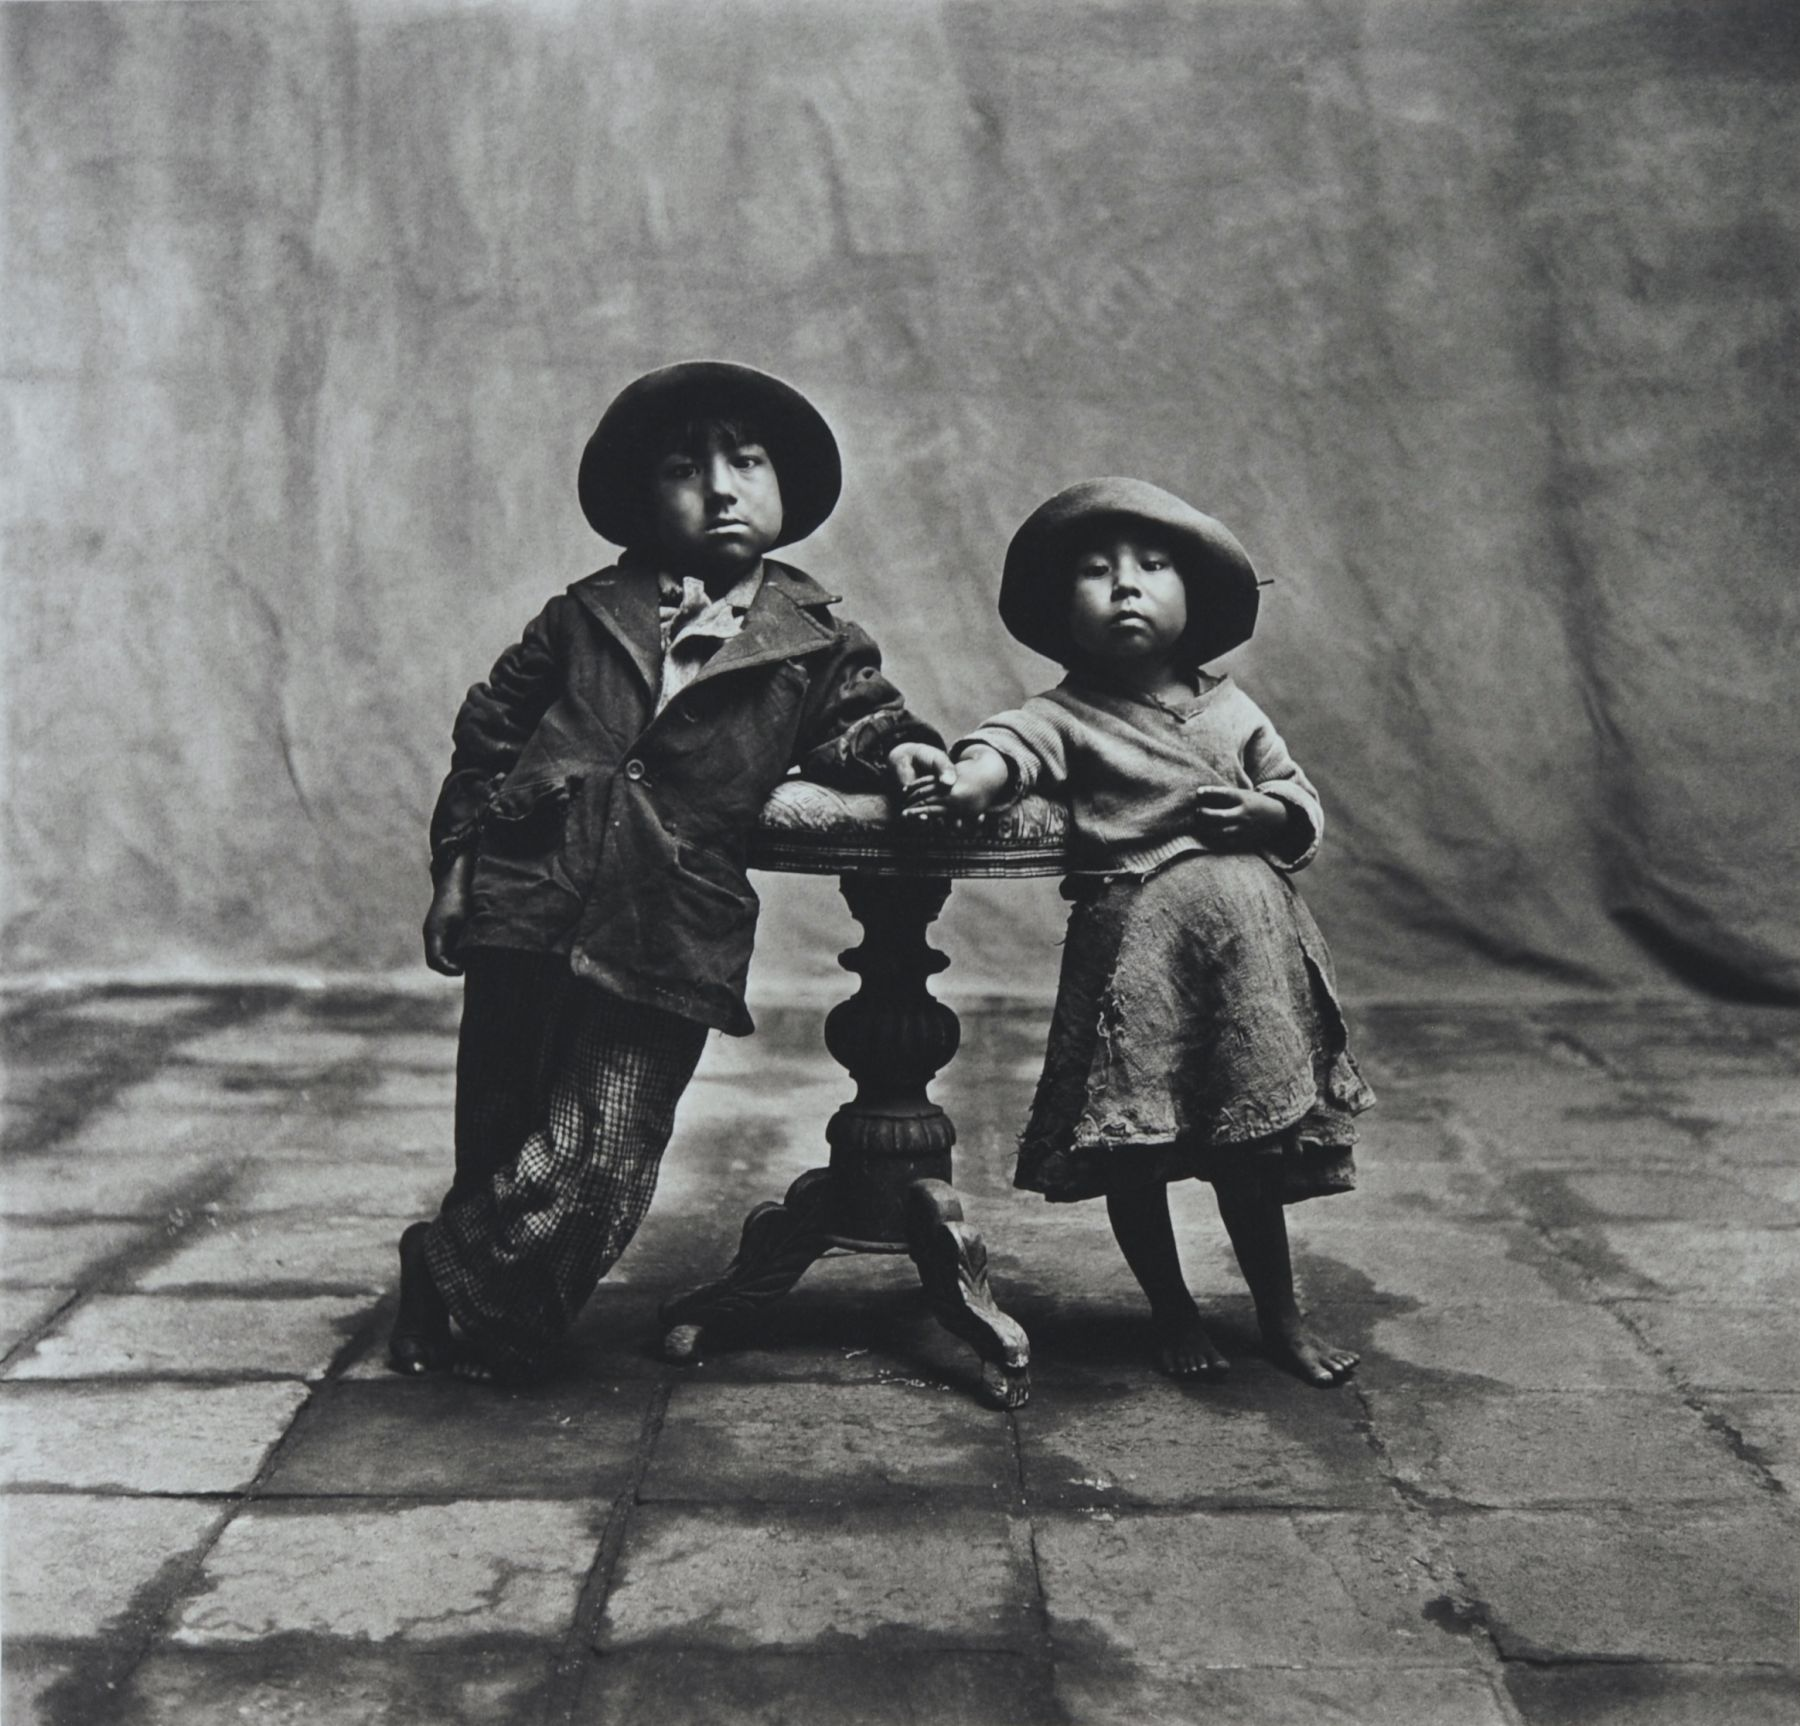 Cuzco Children, Peru, 1948, Platinum Palladium Photograph, Ed. of 60